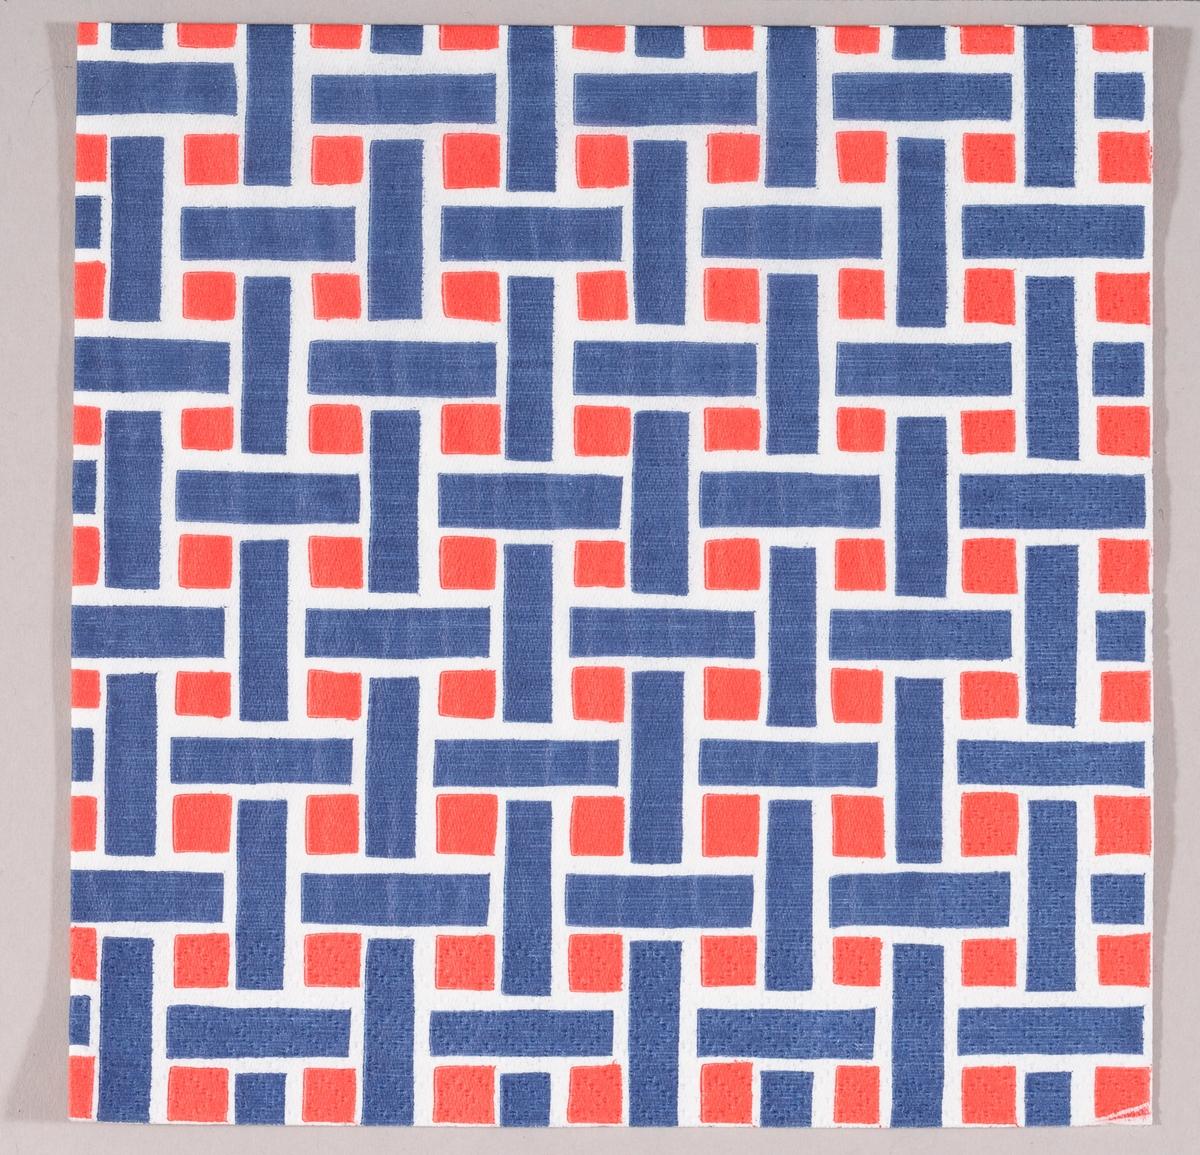 Fargene blå, hvit og rød i et kryssmønster med vertikale og horisontale streker.